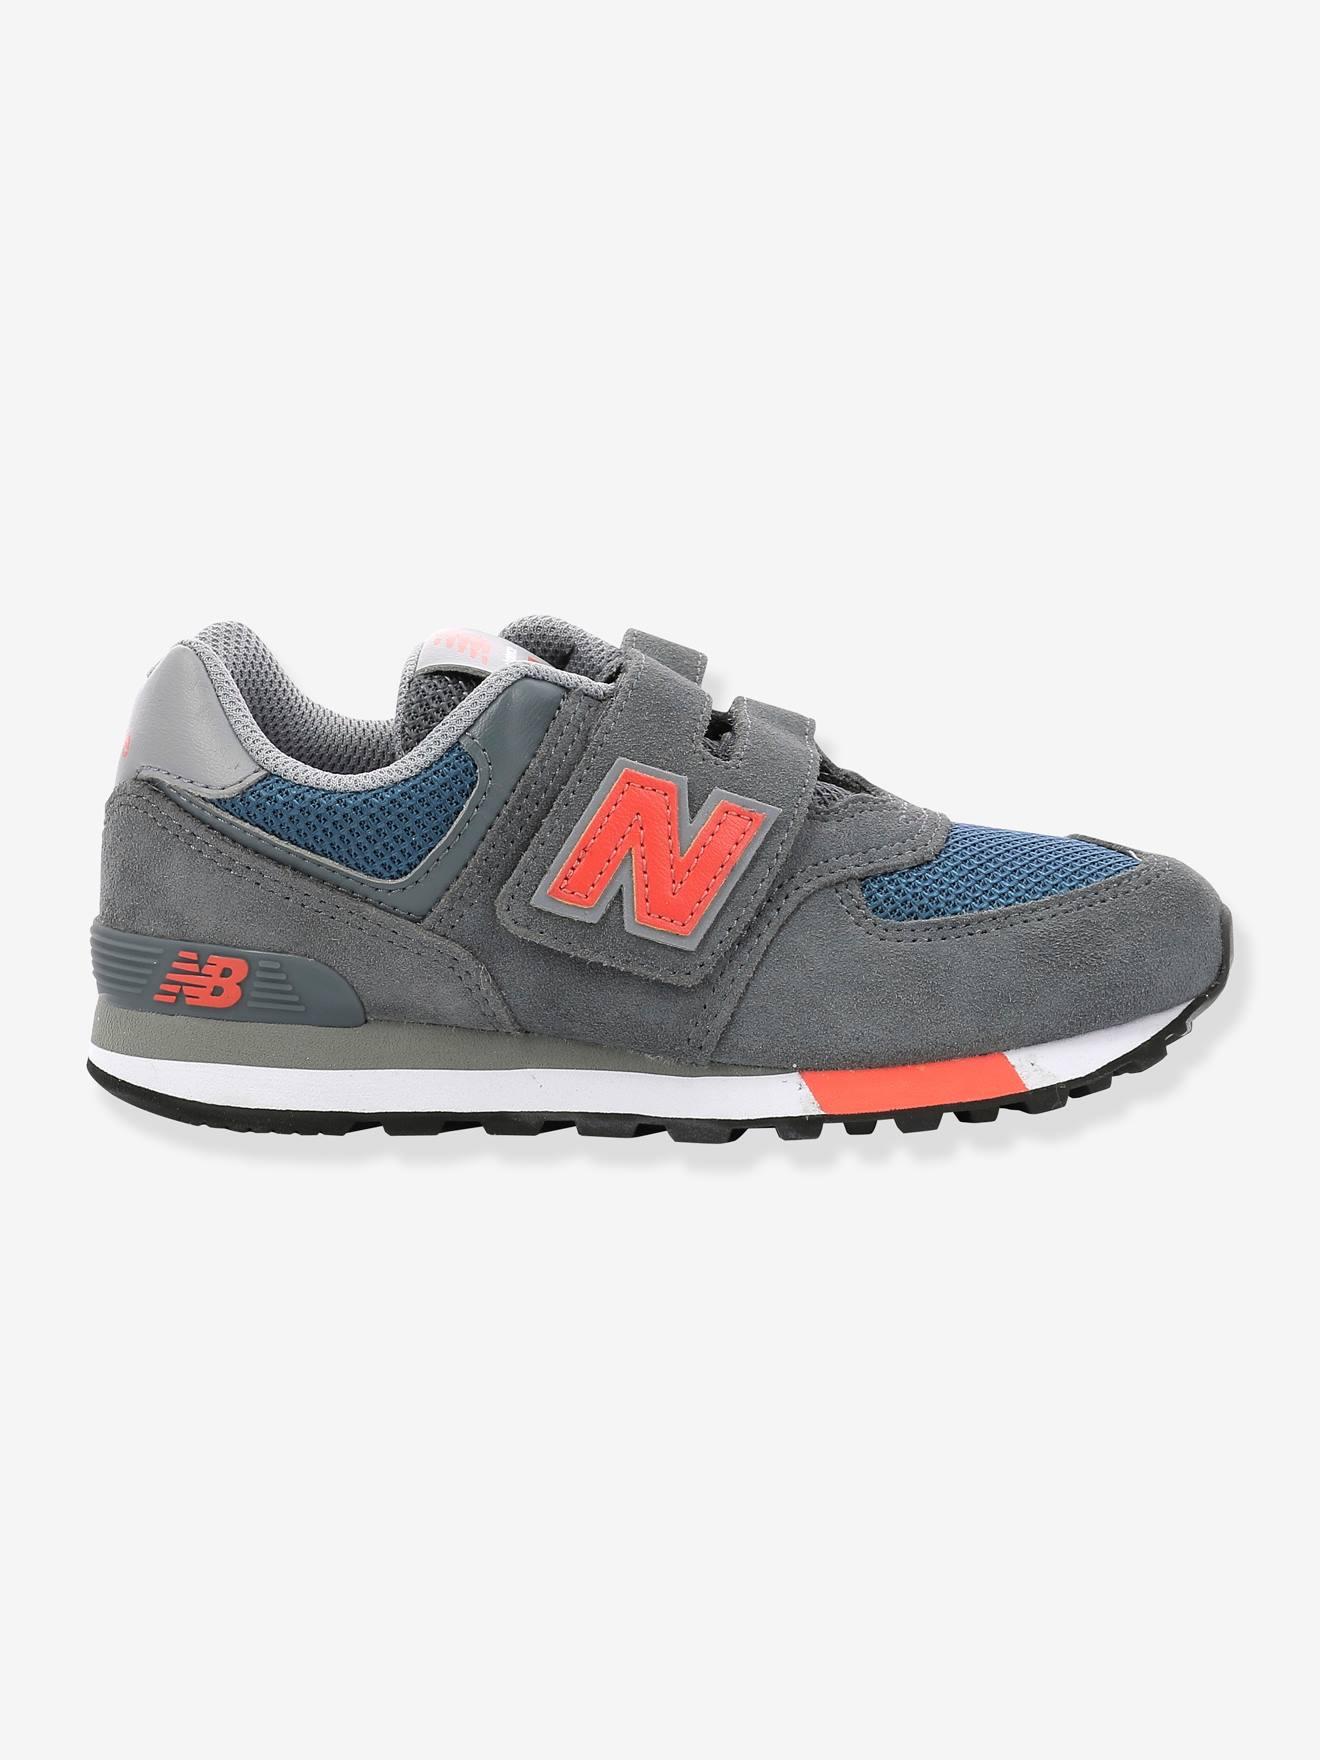 """Balance Baby Jungen Klett-Sneakers """"574"""" NEW BALANCE® grau Gr. 21"""